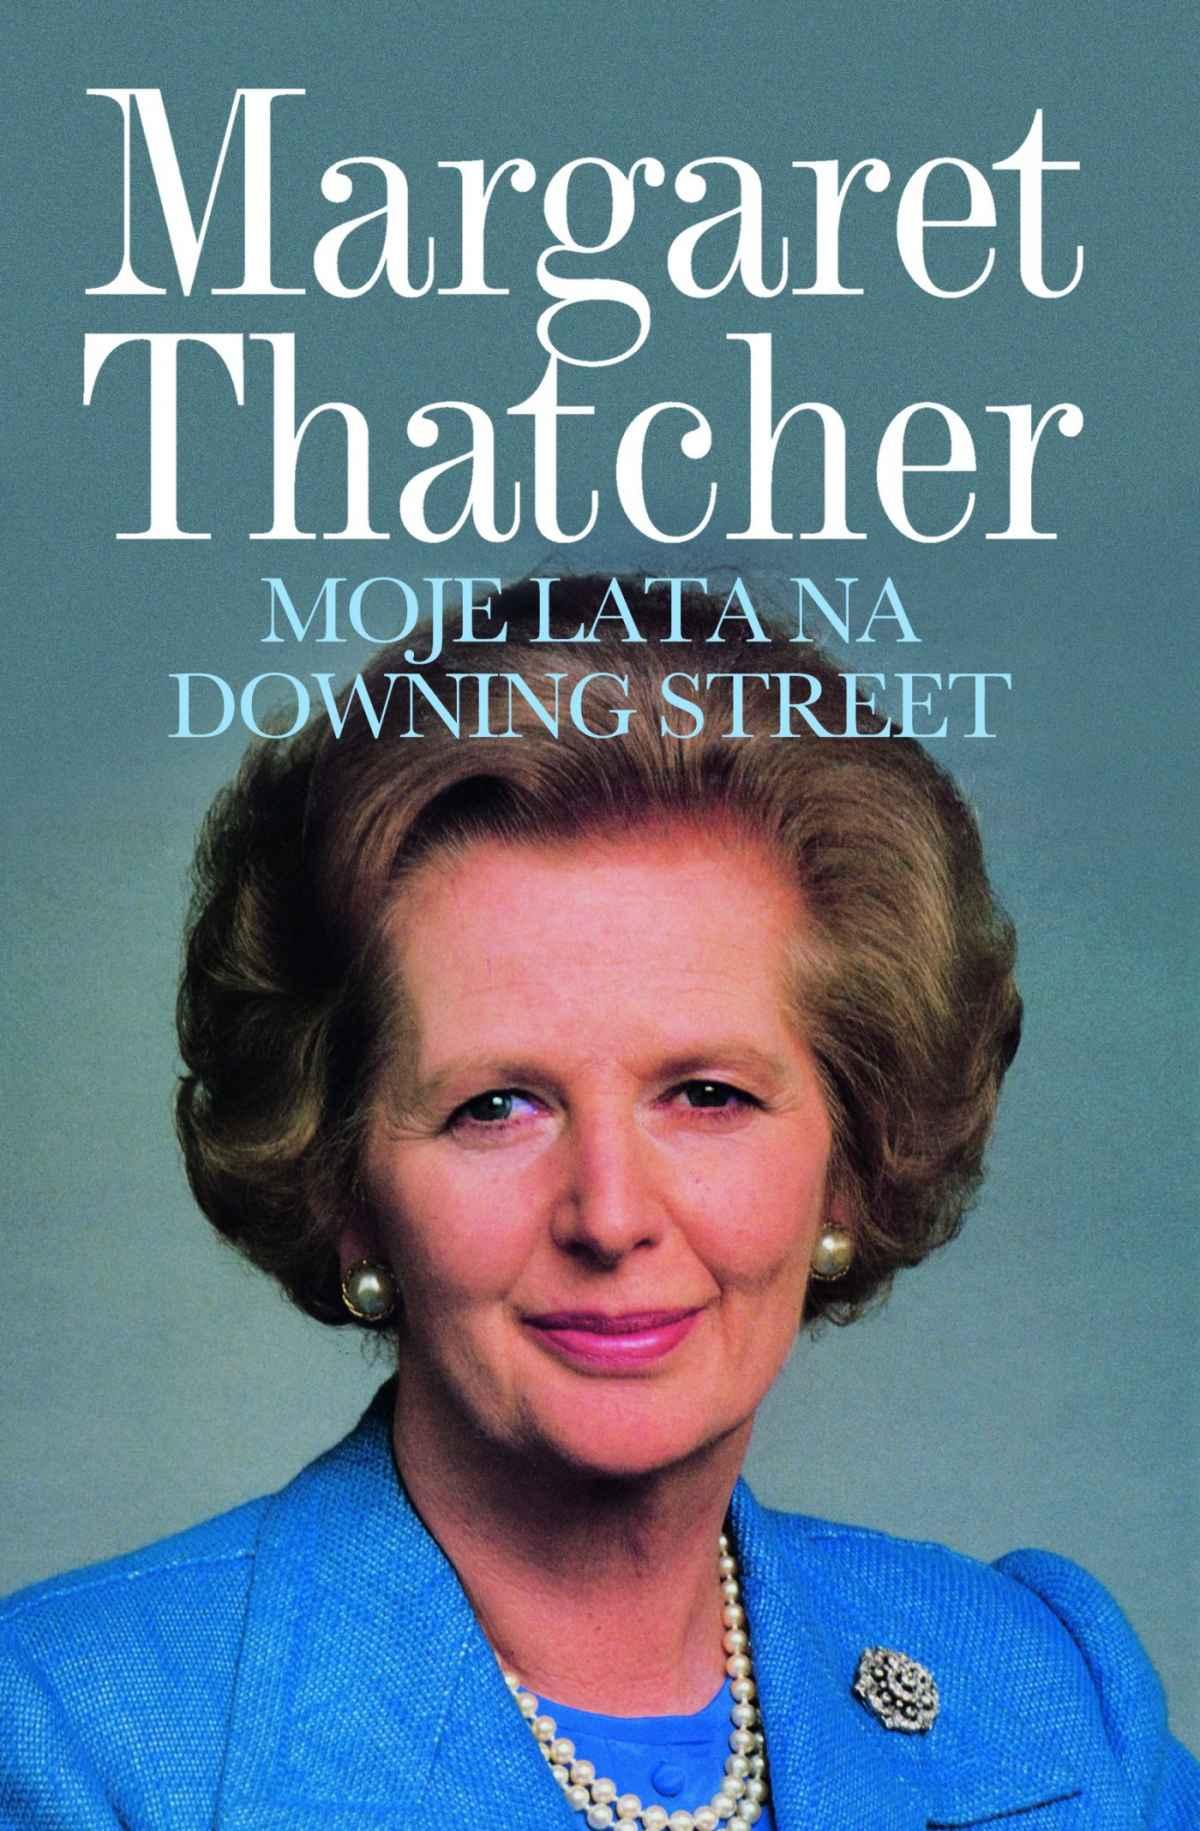 Moje lata na Downing Street - Ebook (Książka EPUB) do pobrania w formacie EPUB